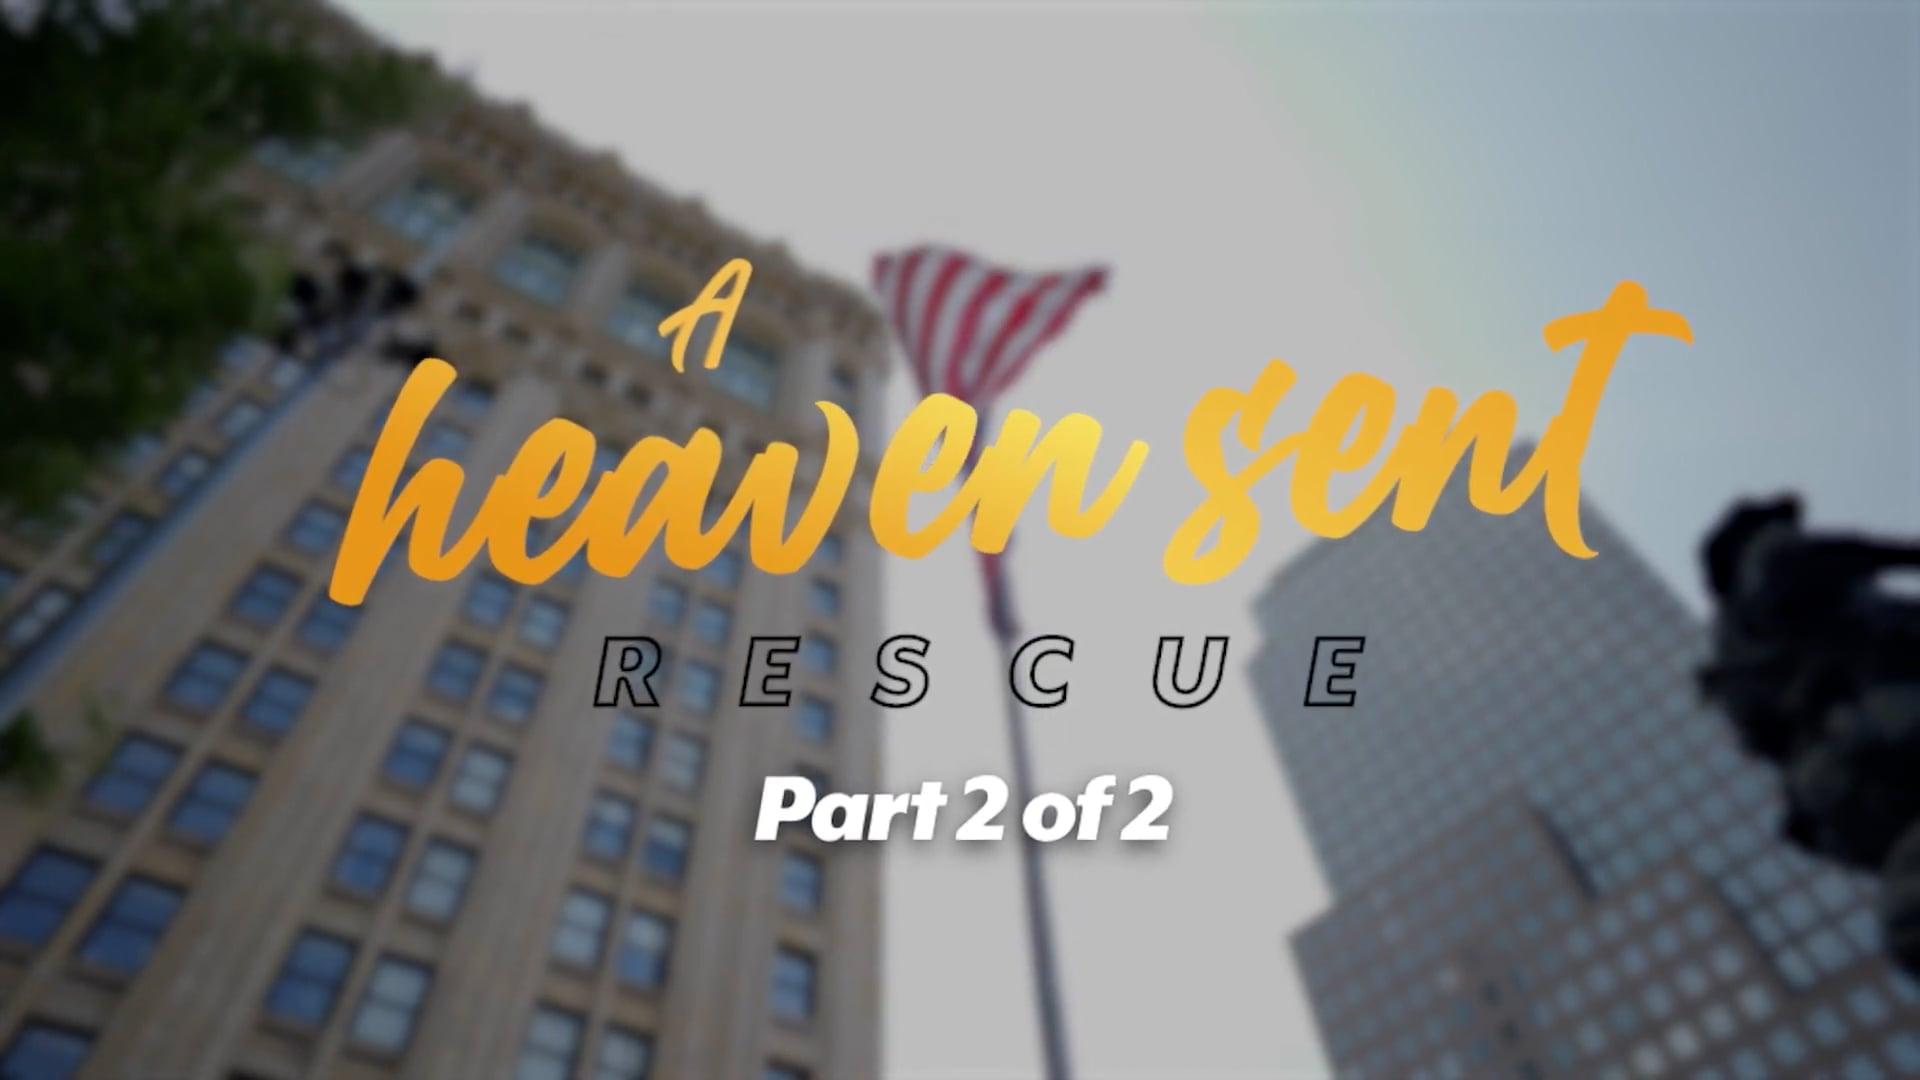 A Heaven Sent Rescue - Part 2